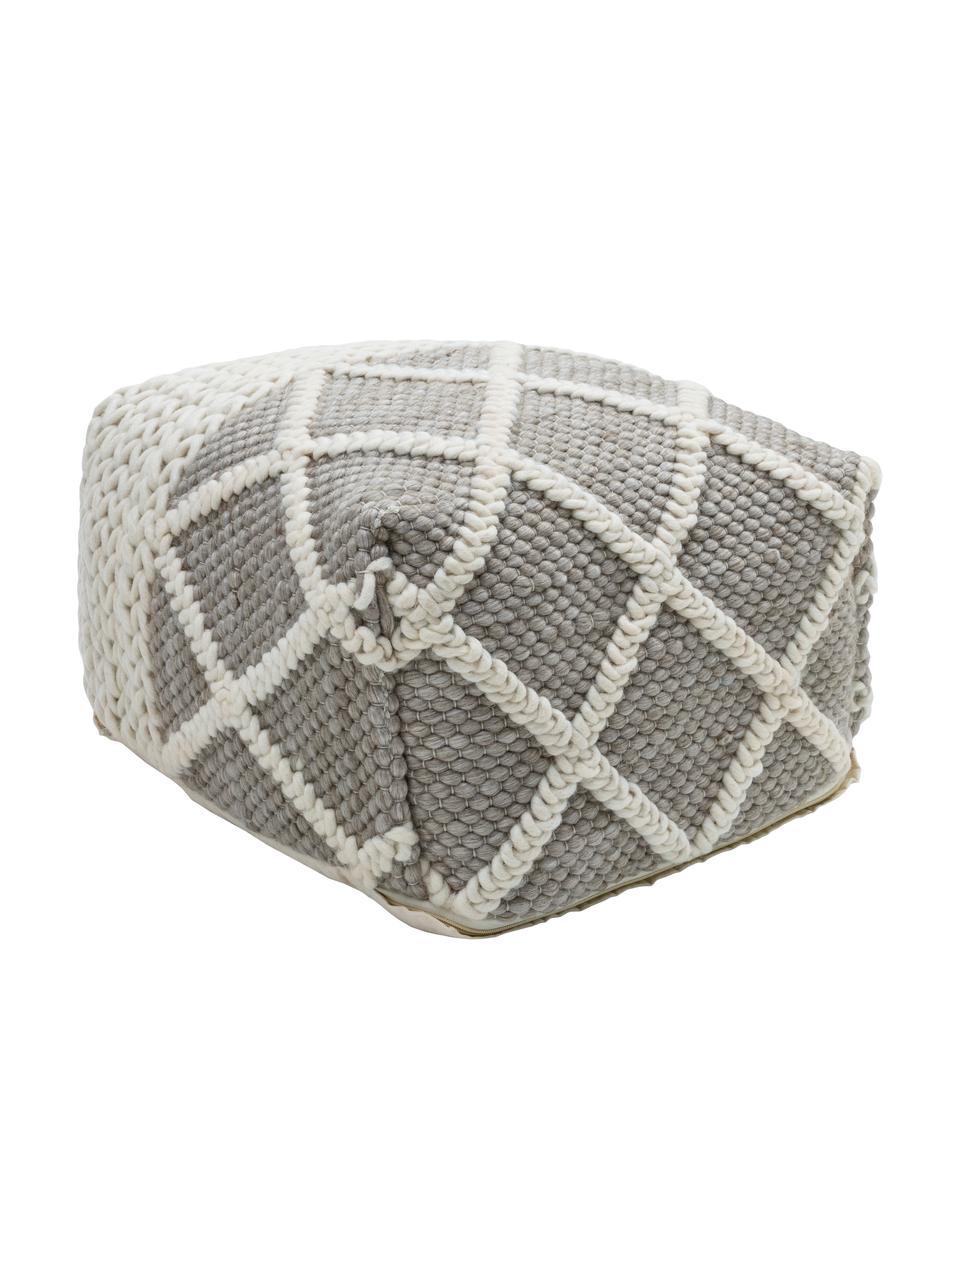 Strickpouf Anna, Bezug: 80% Wolle, 20% Baumwolle, Unterseite: Baumwolle, Grau, Creme, 45 x 30 cm